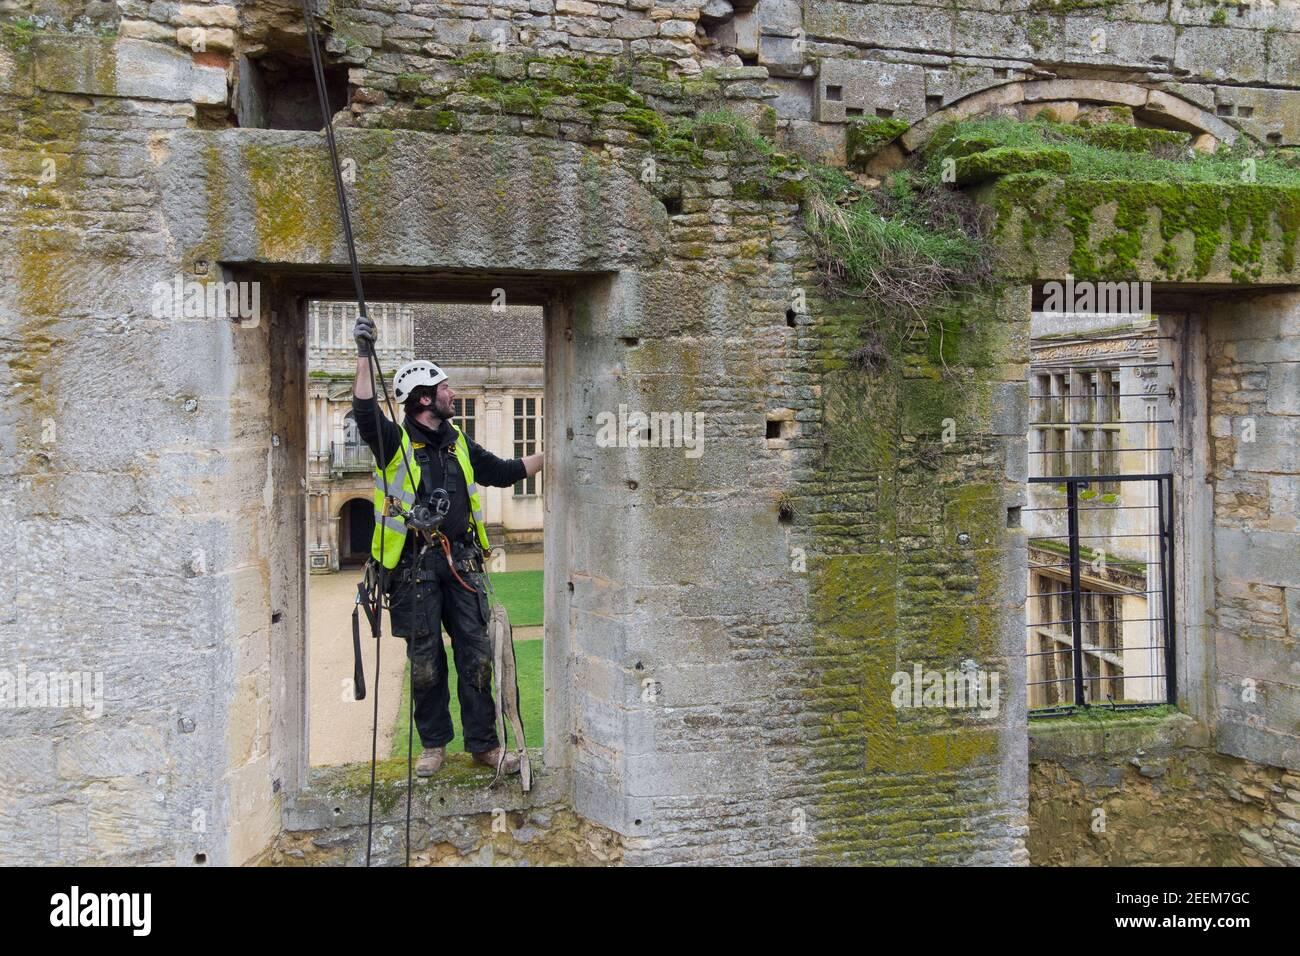 Stoneemason James Preston de la encuesta de conservación de SSH Kirby Hall en Corby, Northamptonshire, mientras el Patrimonio Inglés se prepara para llevar a cabo un trabajo vital de conservación. Foto fecha: Martes 16 de febrero de 2021. Foto de stock